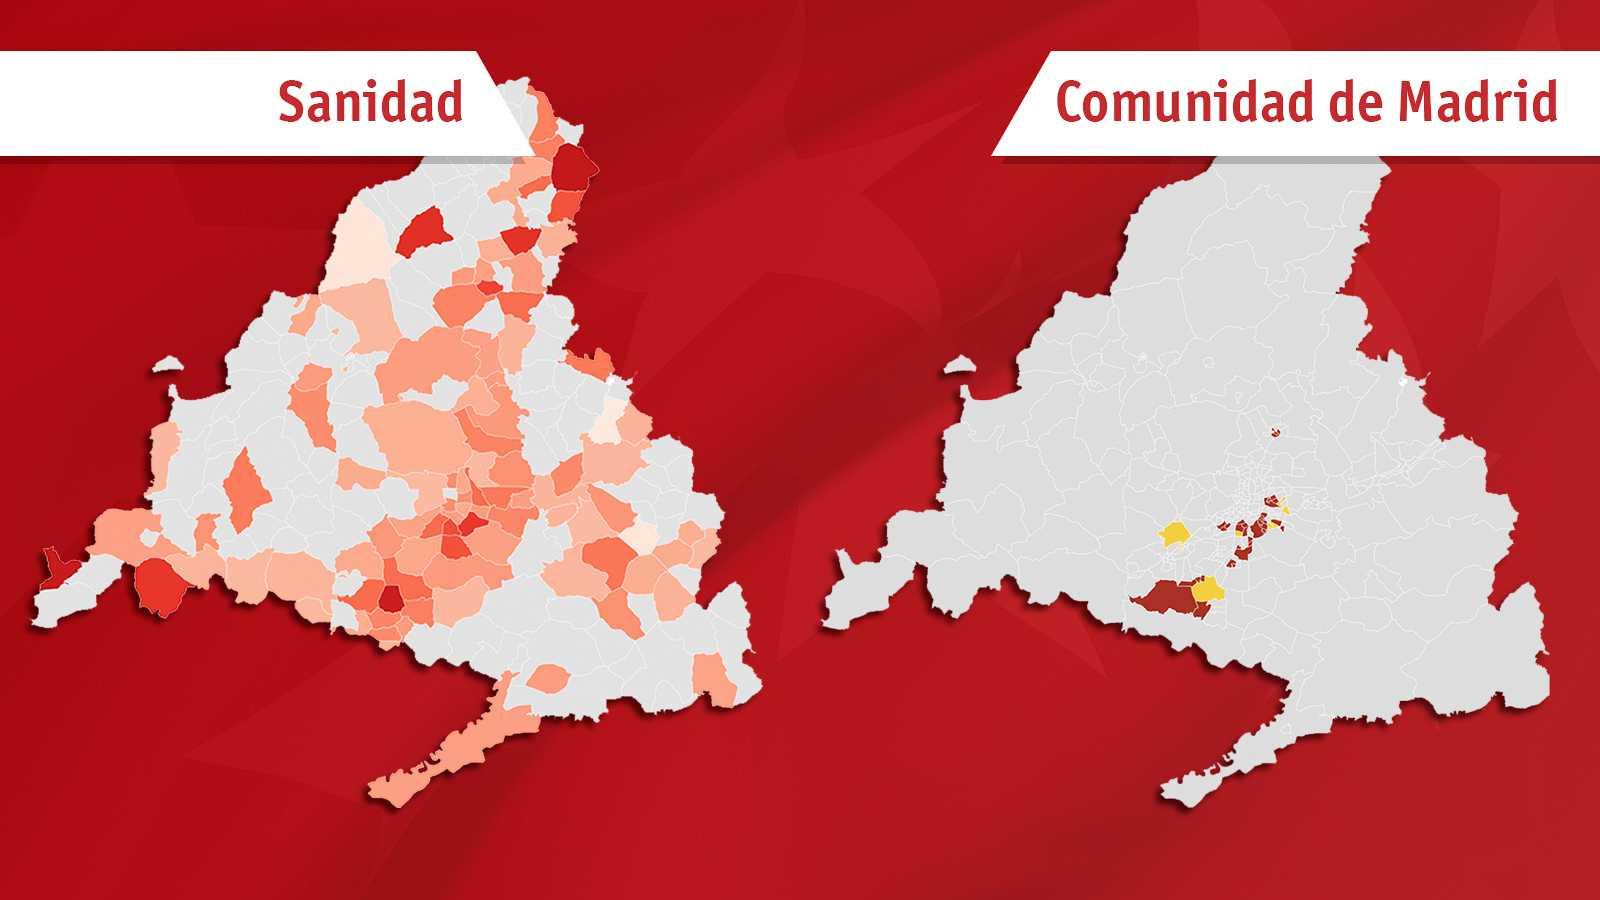 El plan de Sanidad frente al de Madrid en dos mapas